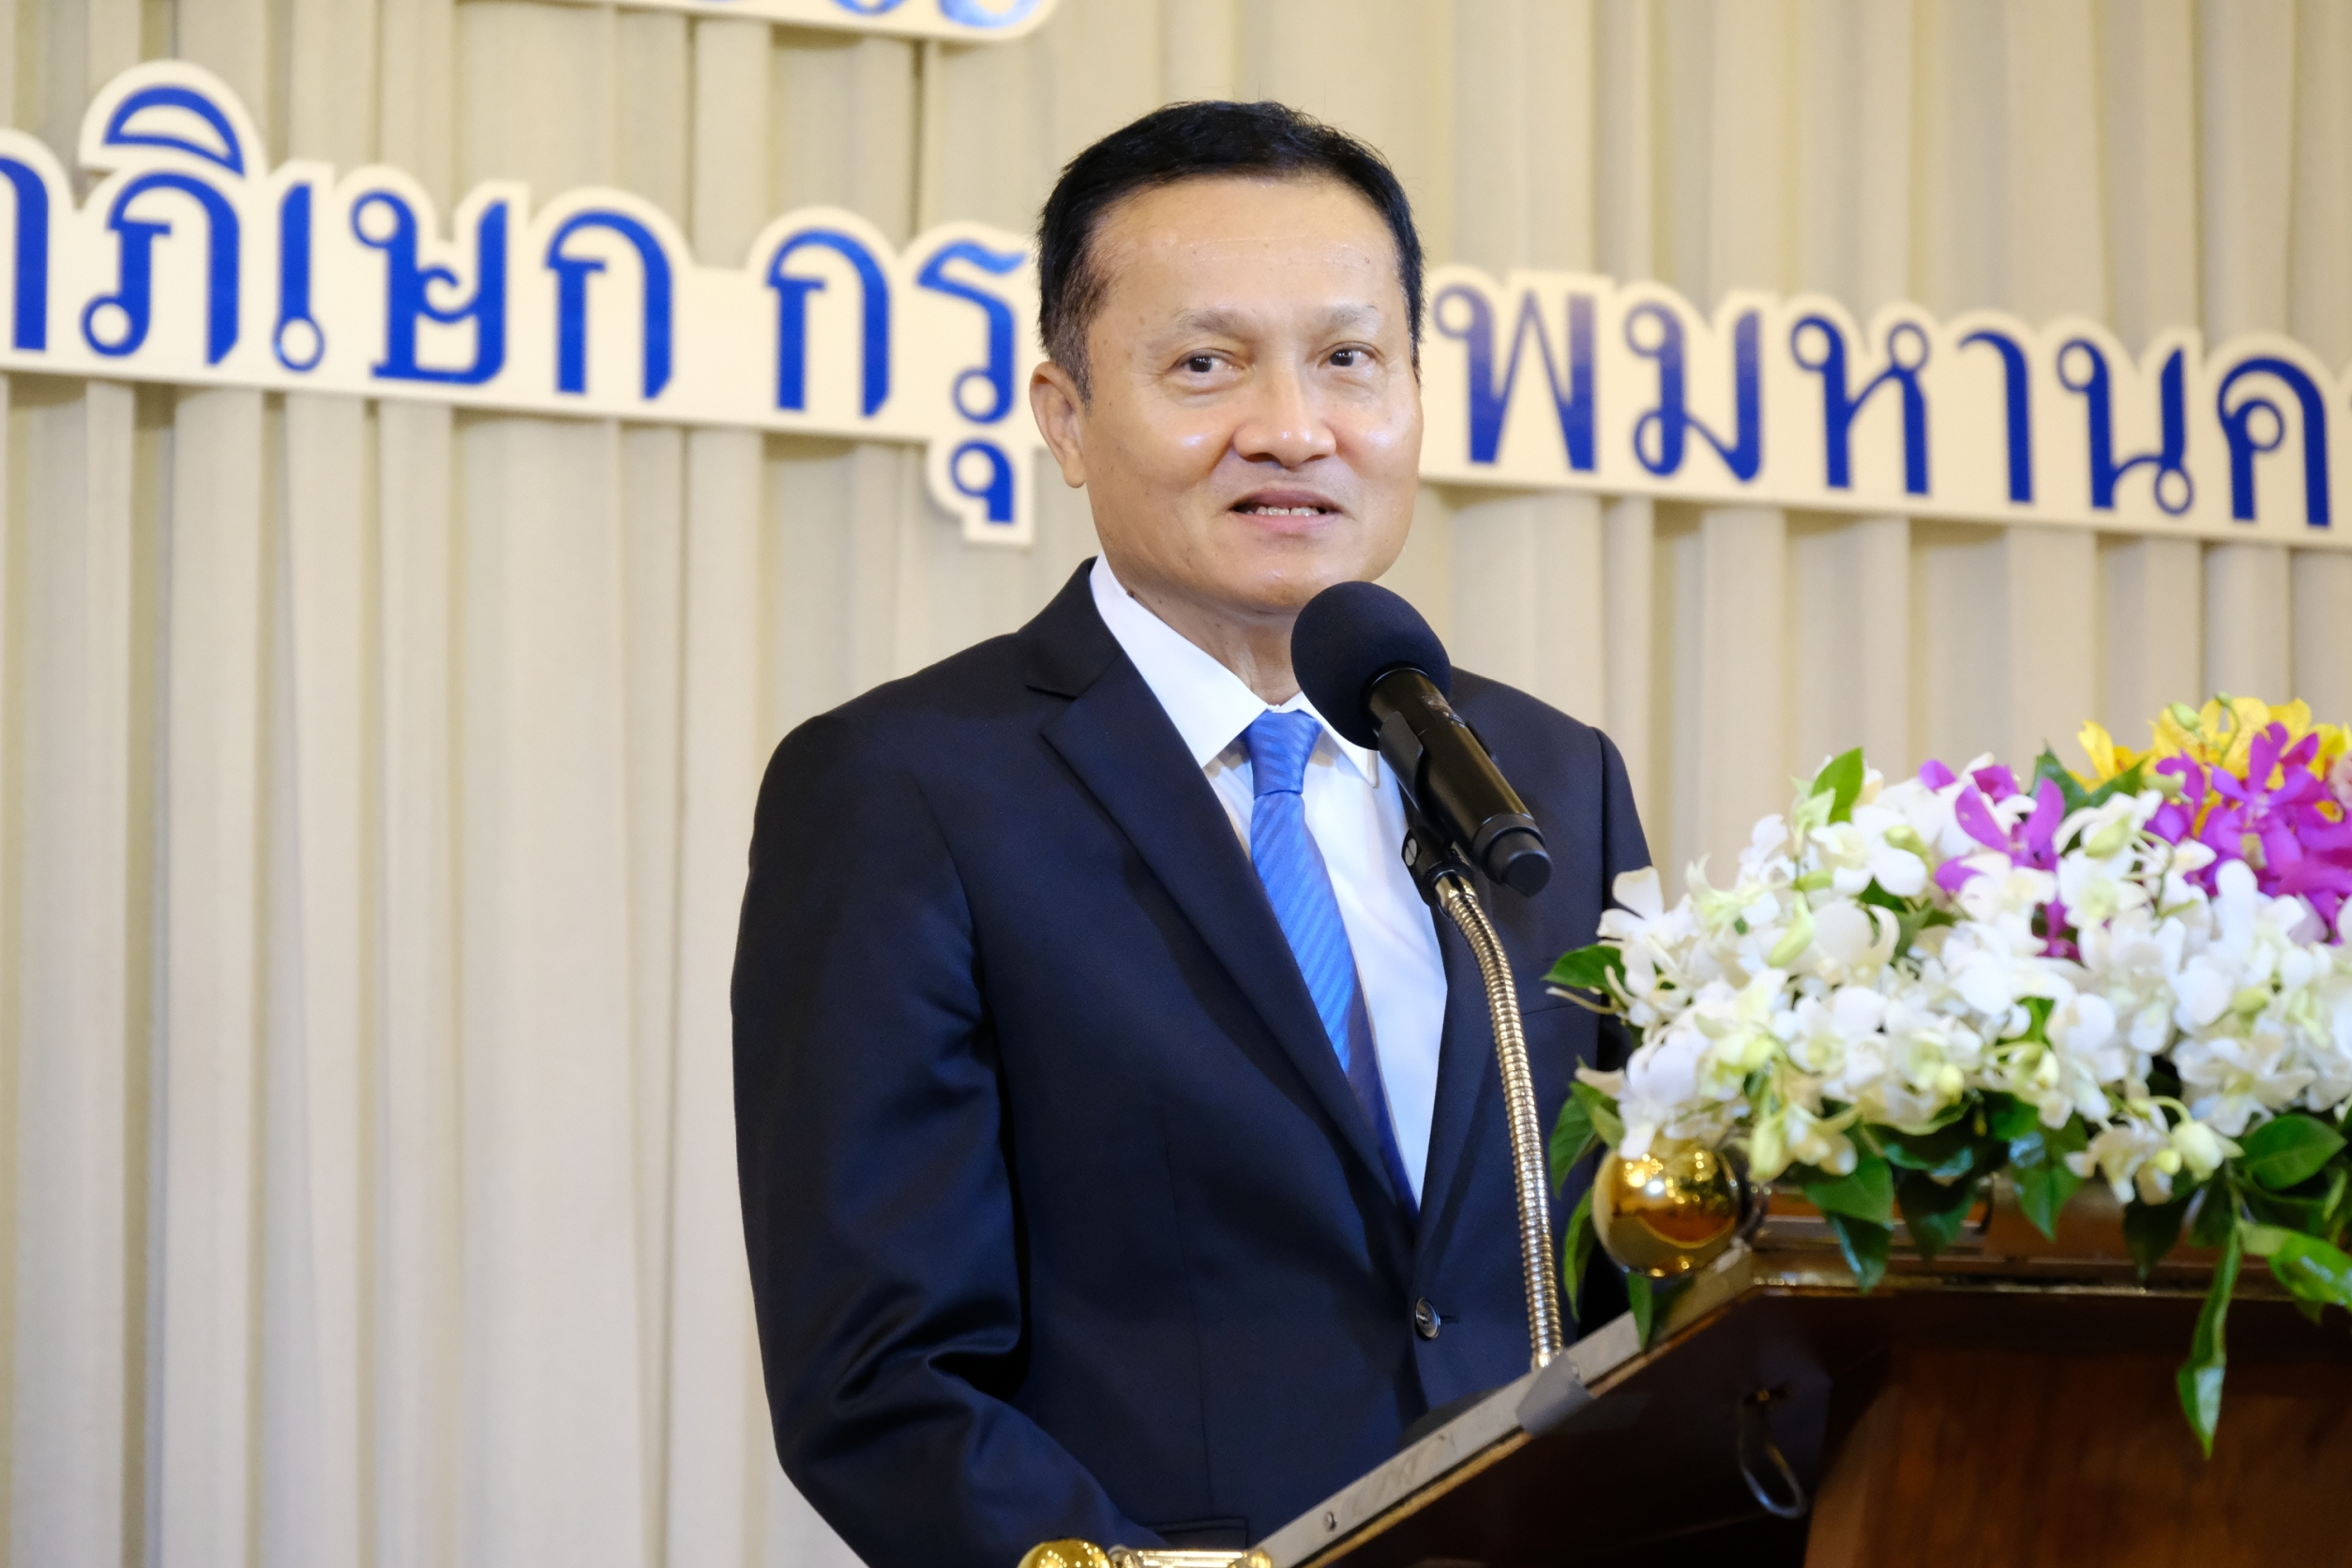 อธิบดีกรมการจัดหางาน ร่วมเปิดโครงการกระทรวงแรงงานร่วมขับเคลื่อนประเทศไทยให้ใสสะอาดปราศจากการทุจริตฯ